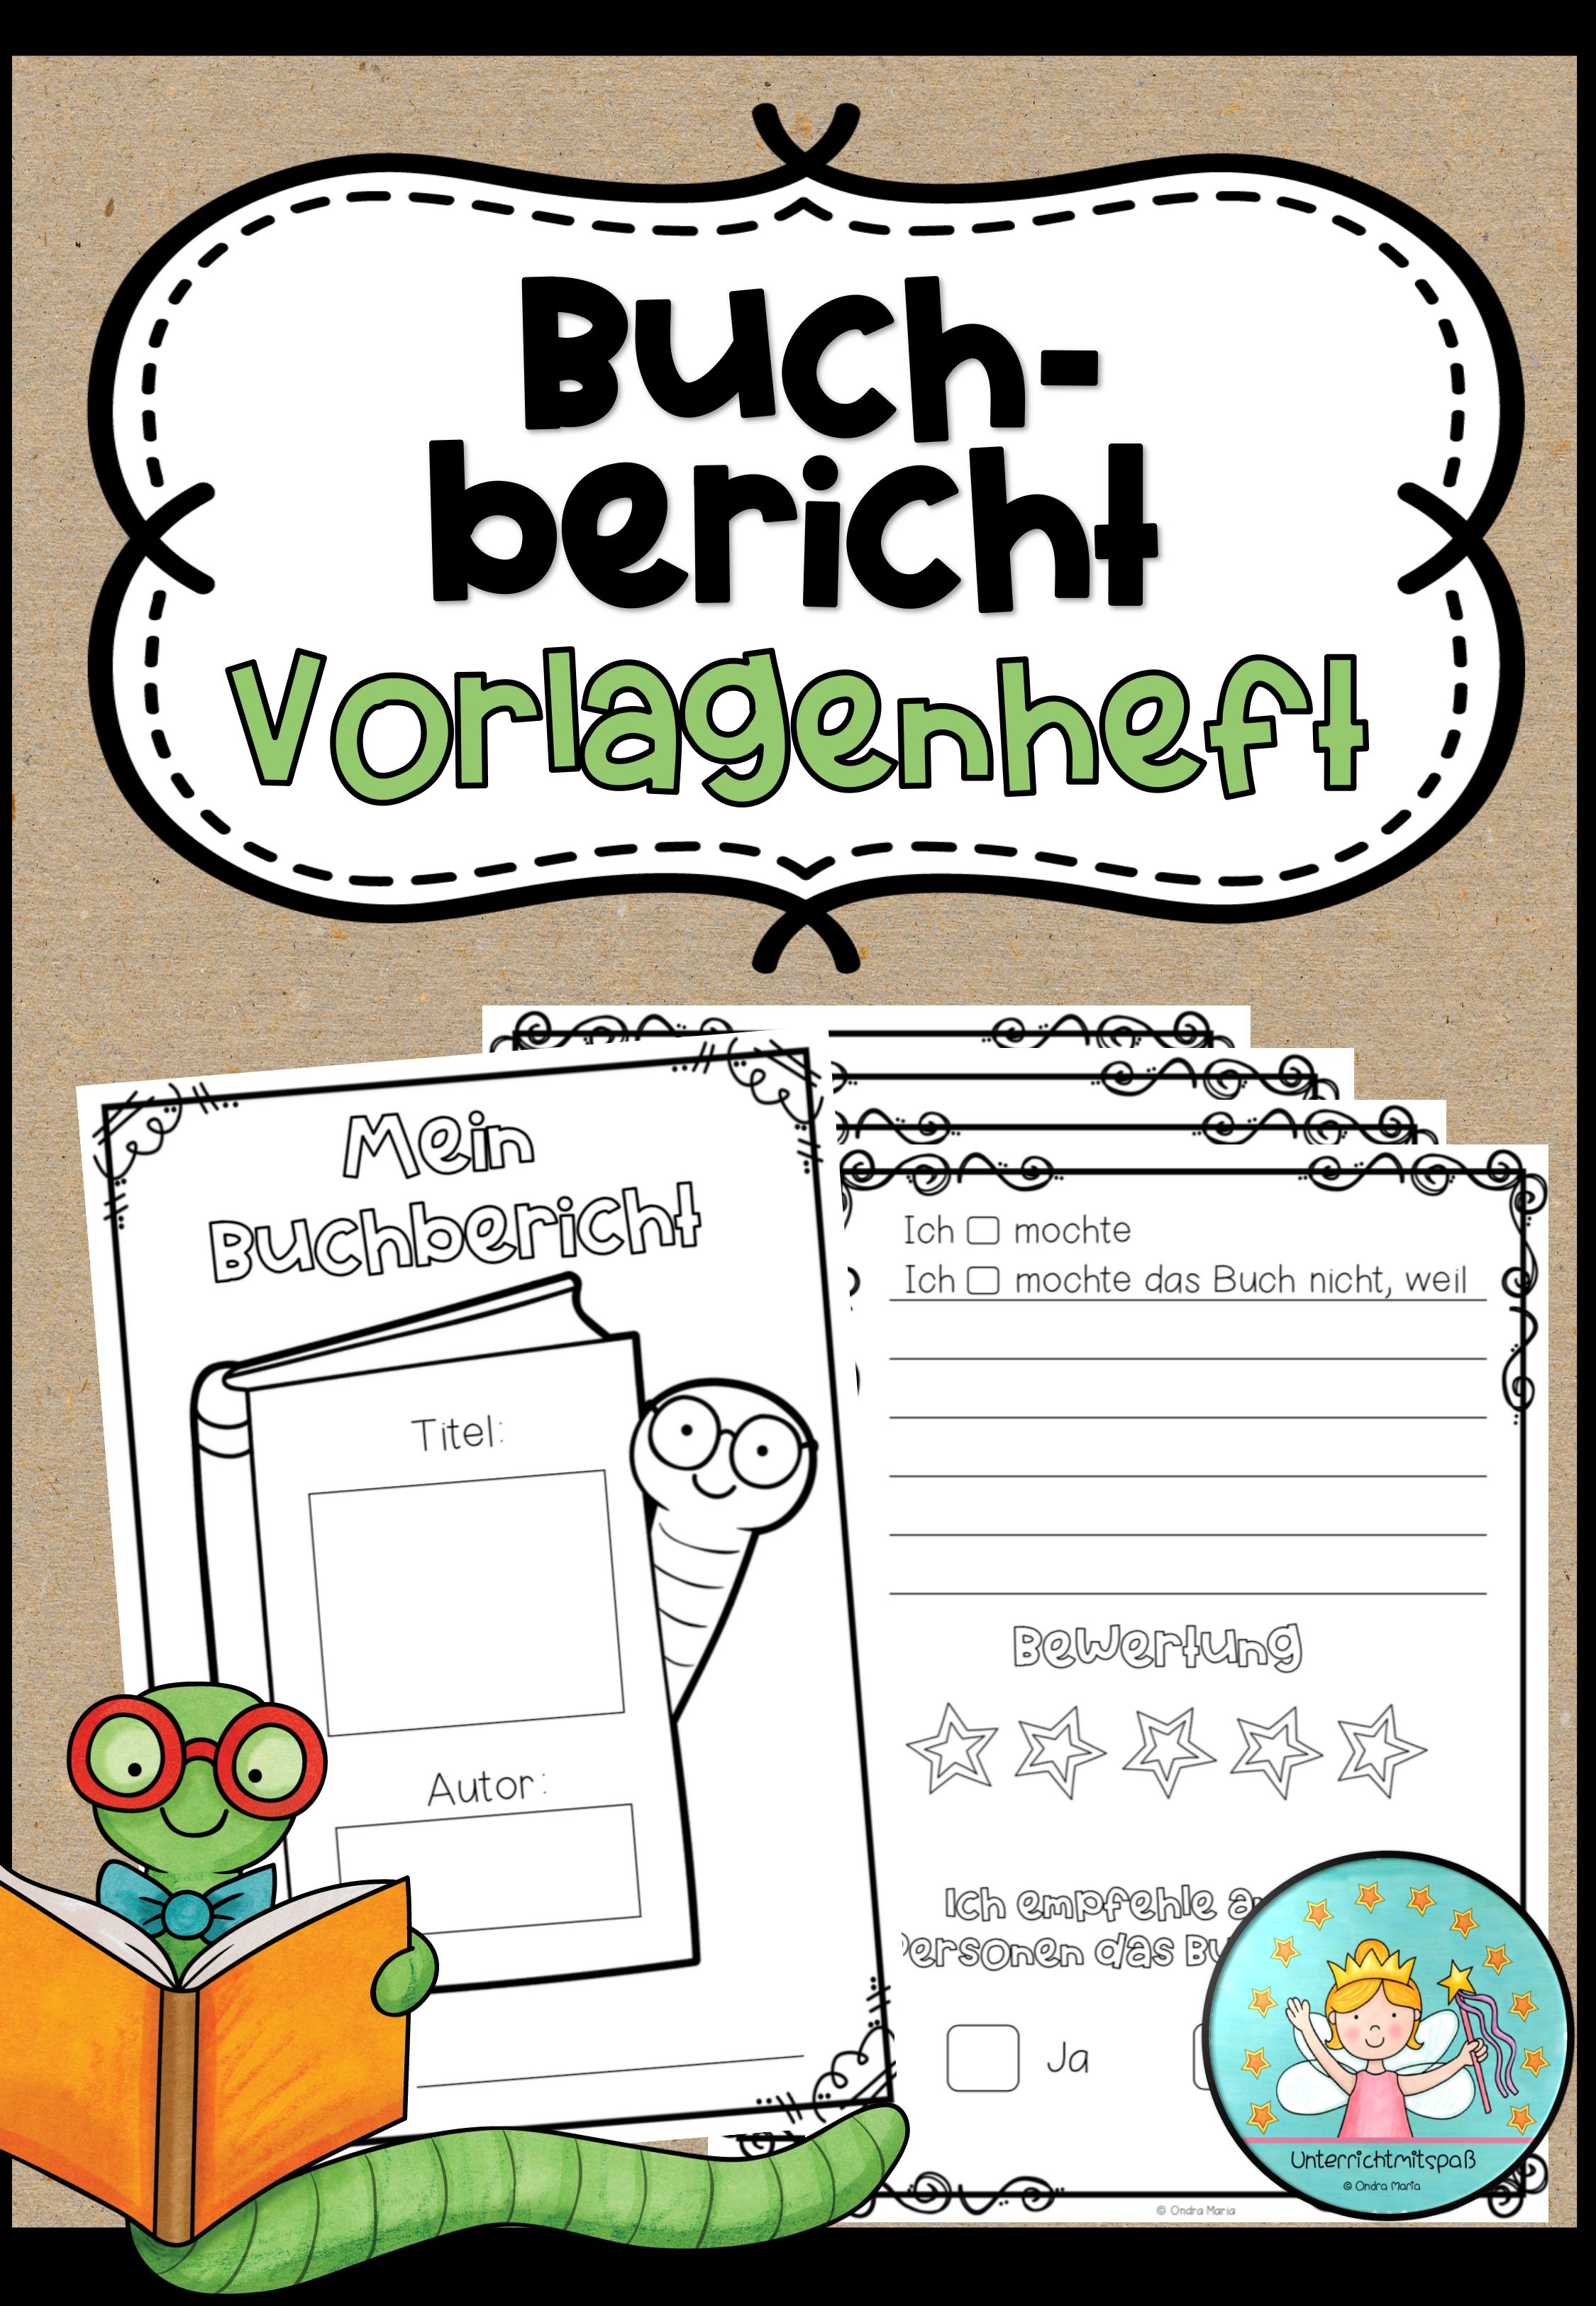 Buchbericht Vorlagenheft Heftchen Zum Verfassen Eines Buchberichts In 2020 Buchvorstellung Grundschule Lehrer Planer Kostenlos Bucher